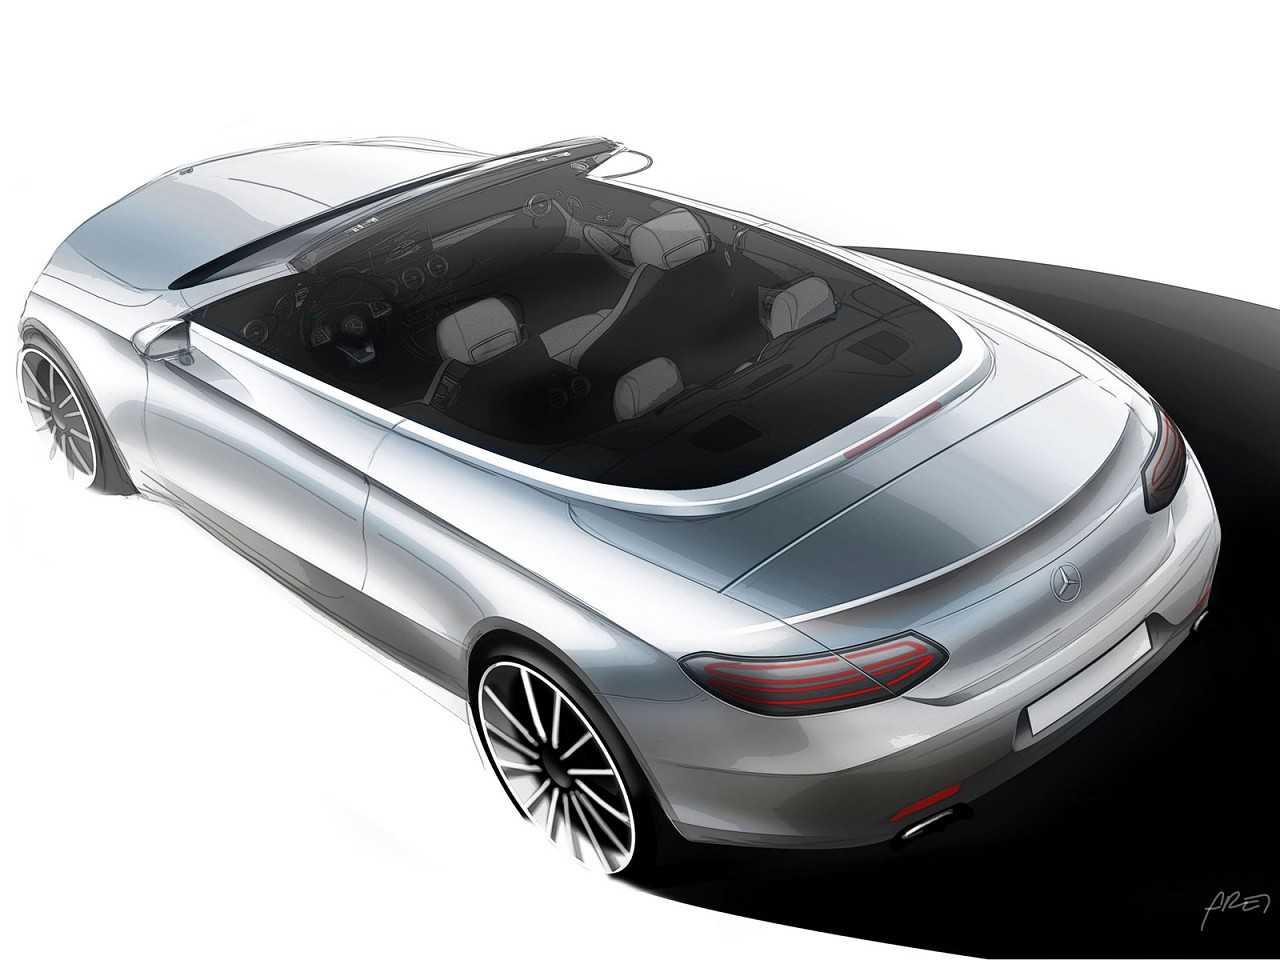 Ilustração antecipando o novo Mercedes-Benz Classe C conversível